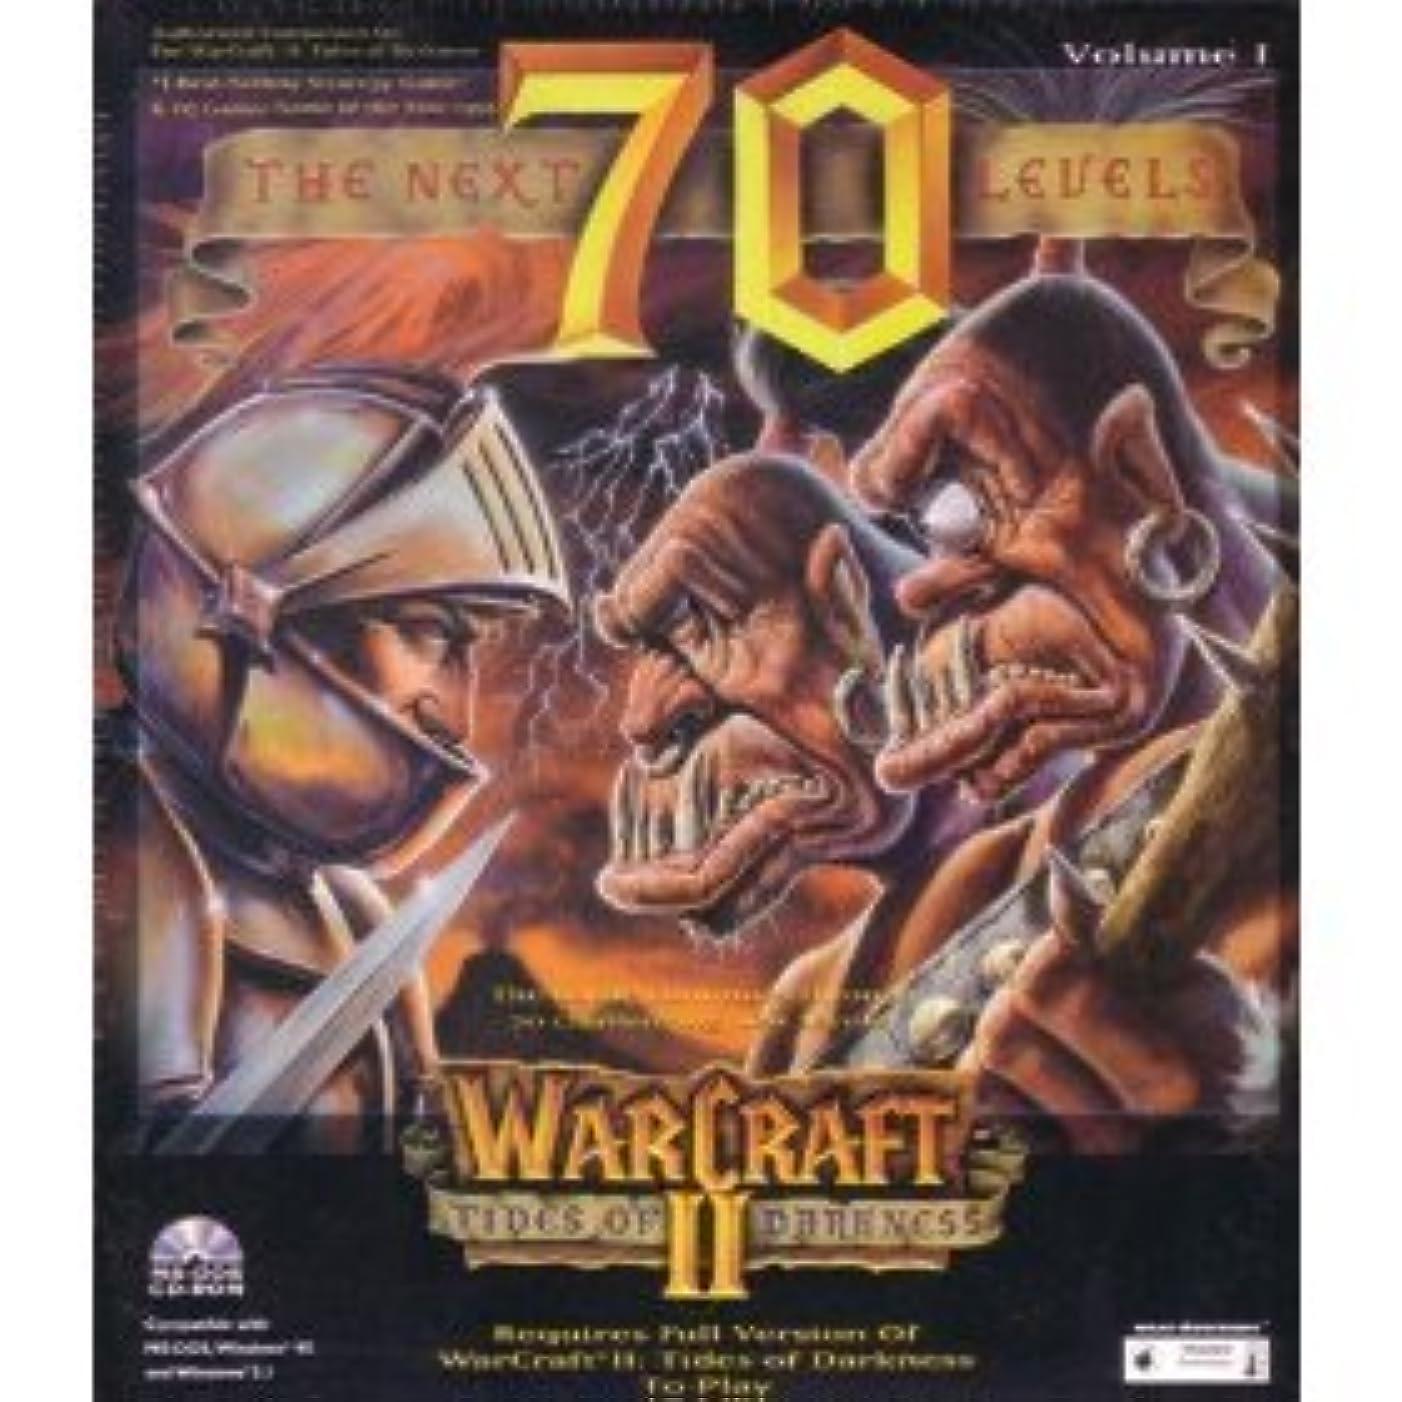 特性船酔い落胆するThe Next 70 Levels Volume 1: Authorized Companion Set for Warcraft II: Tides of Darkness (輸入版)